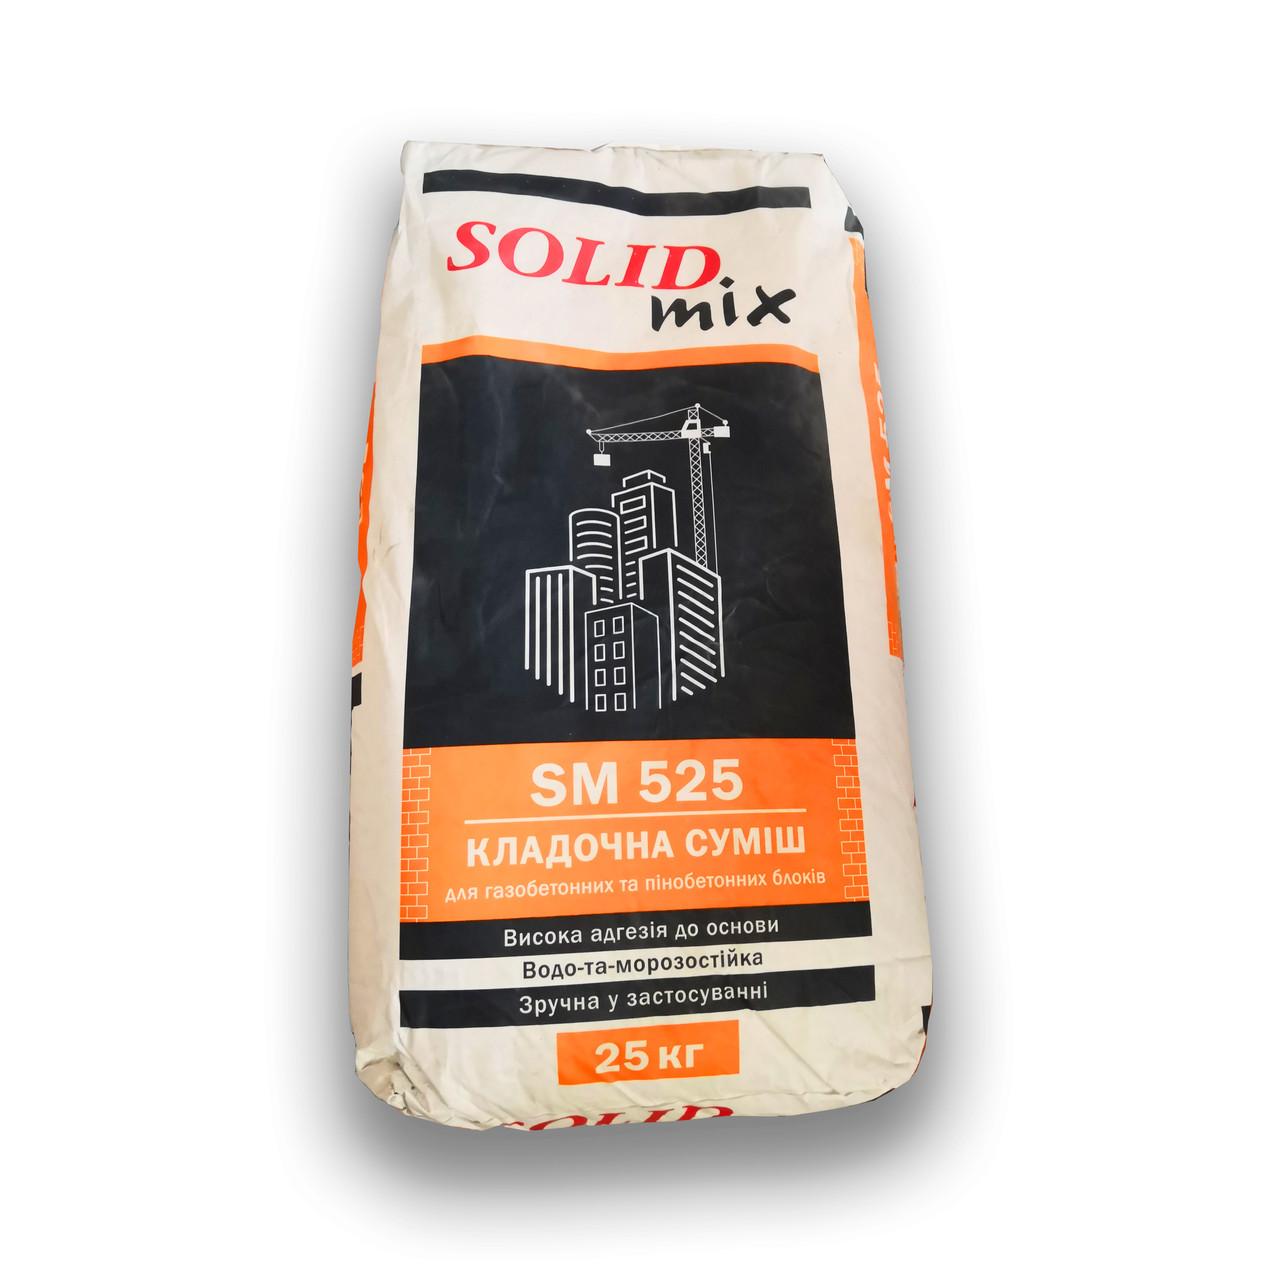 Кладочная смесь для пенобетона SM 525 (25 кг)